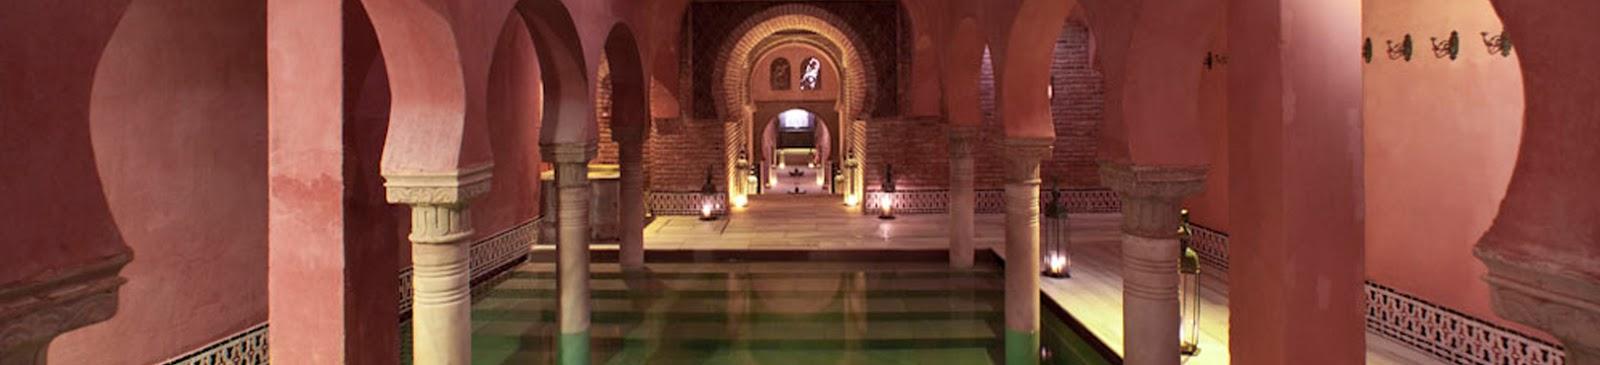 Baños Arabe De Granada:iLockeros: Los Baños Árabes y Granada